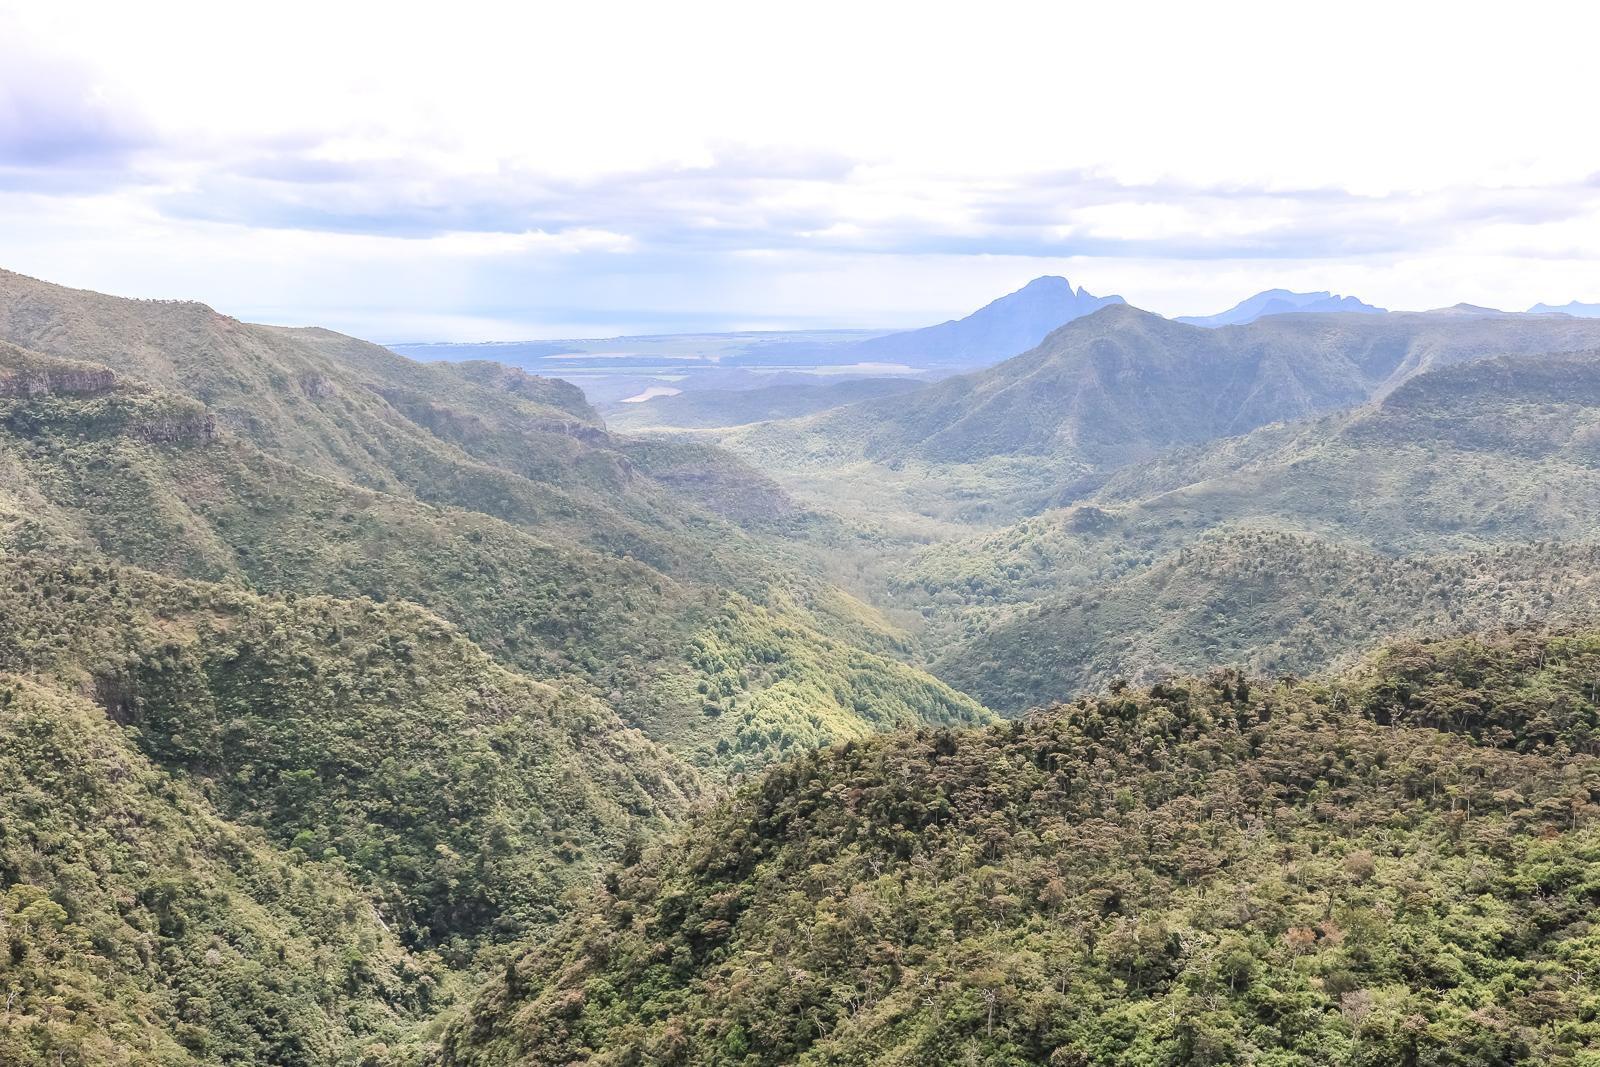 Mauritius Reisebericht - Wissenswertes und Highlights der Trauminsel - Mauritius Reise - Mauritius Sehenswürdigkeiten - Mauritius Flitterwochen - Traumreise - Paradies - schönste Insel - Traumurlaub -Tipps für Mauritius - Mauritus Reiseführer - Mauritius Travel Guide - Black River Gorges Nationalpark - Fashionladyloves by Tamara